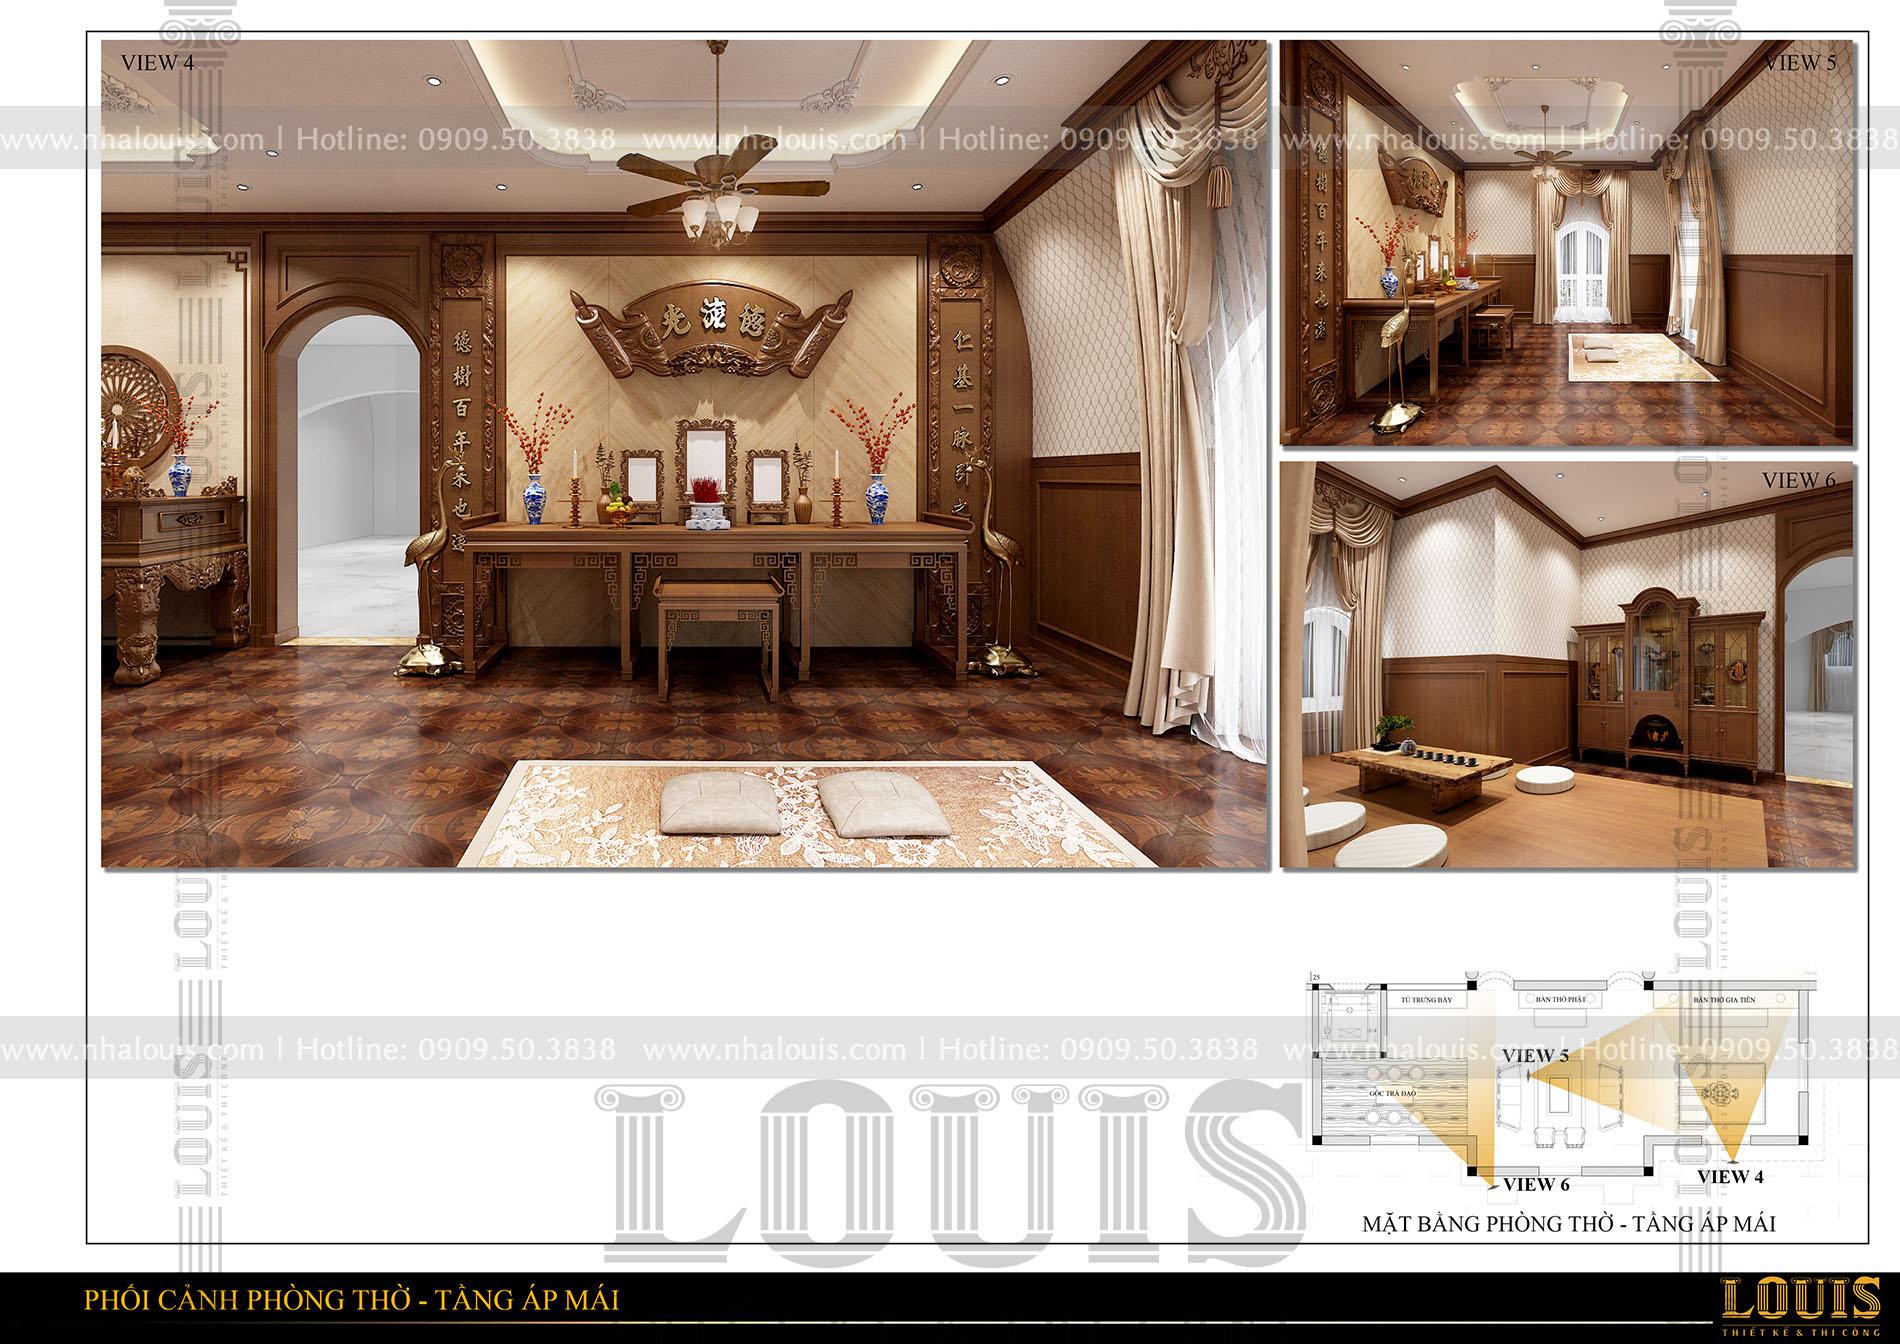 thiết kế biệt thự cổ điển 5 tầng có tầng hầm tại đaklak